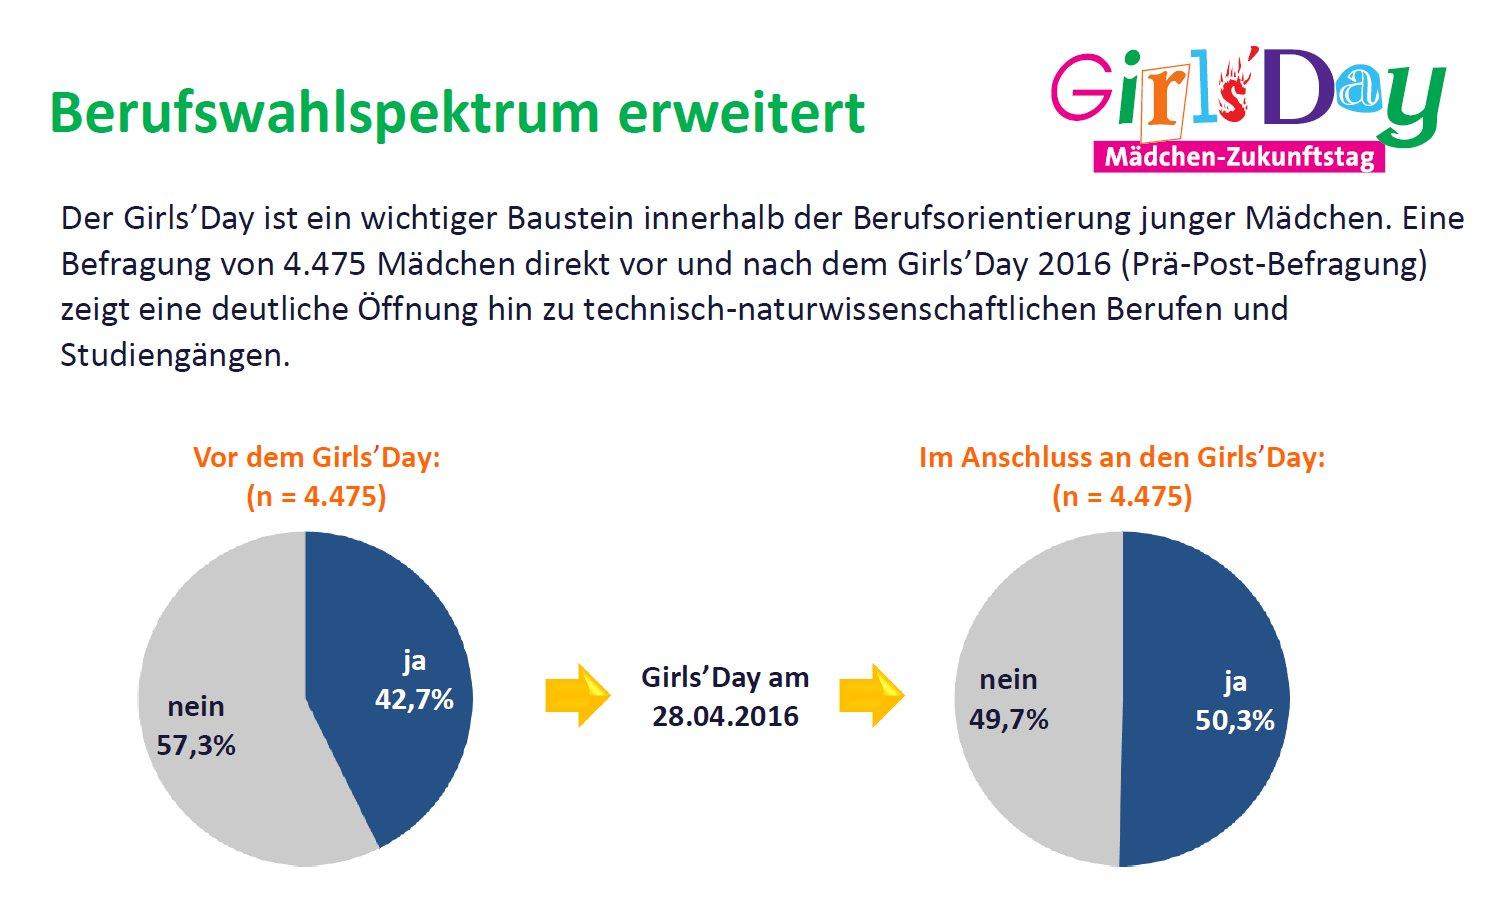 Der #D21GD-Auftakt ist fast so alt wie der bundesweite #GirlsDay am Tag darauf. Und das aus gutem Grund: Mädchen werden für #MINT motiviert! https://t.co/xp3qoqtsBb